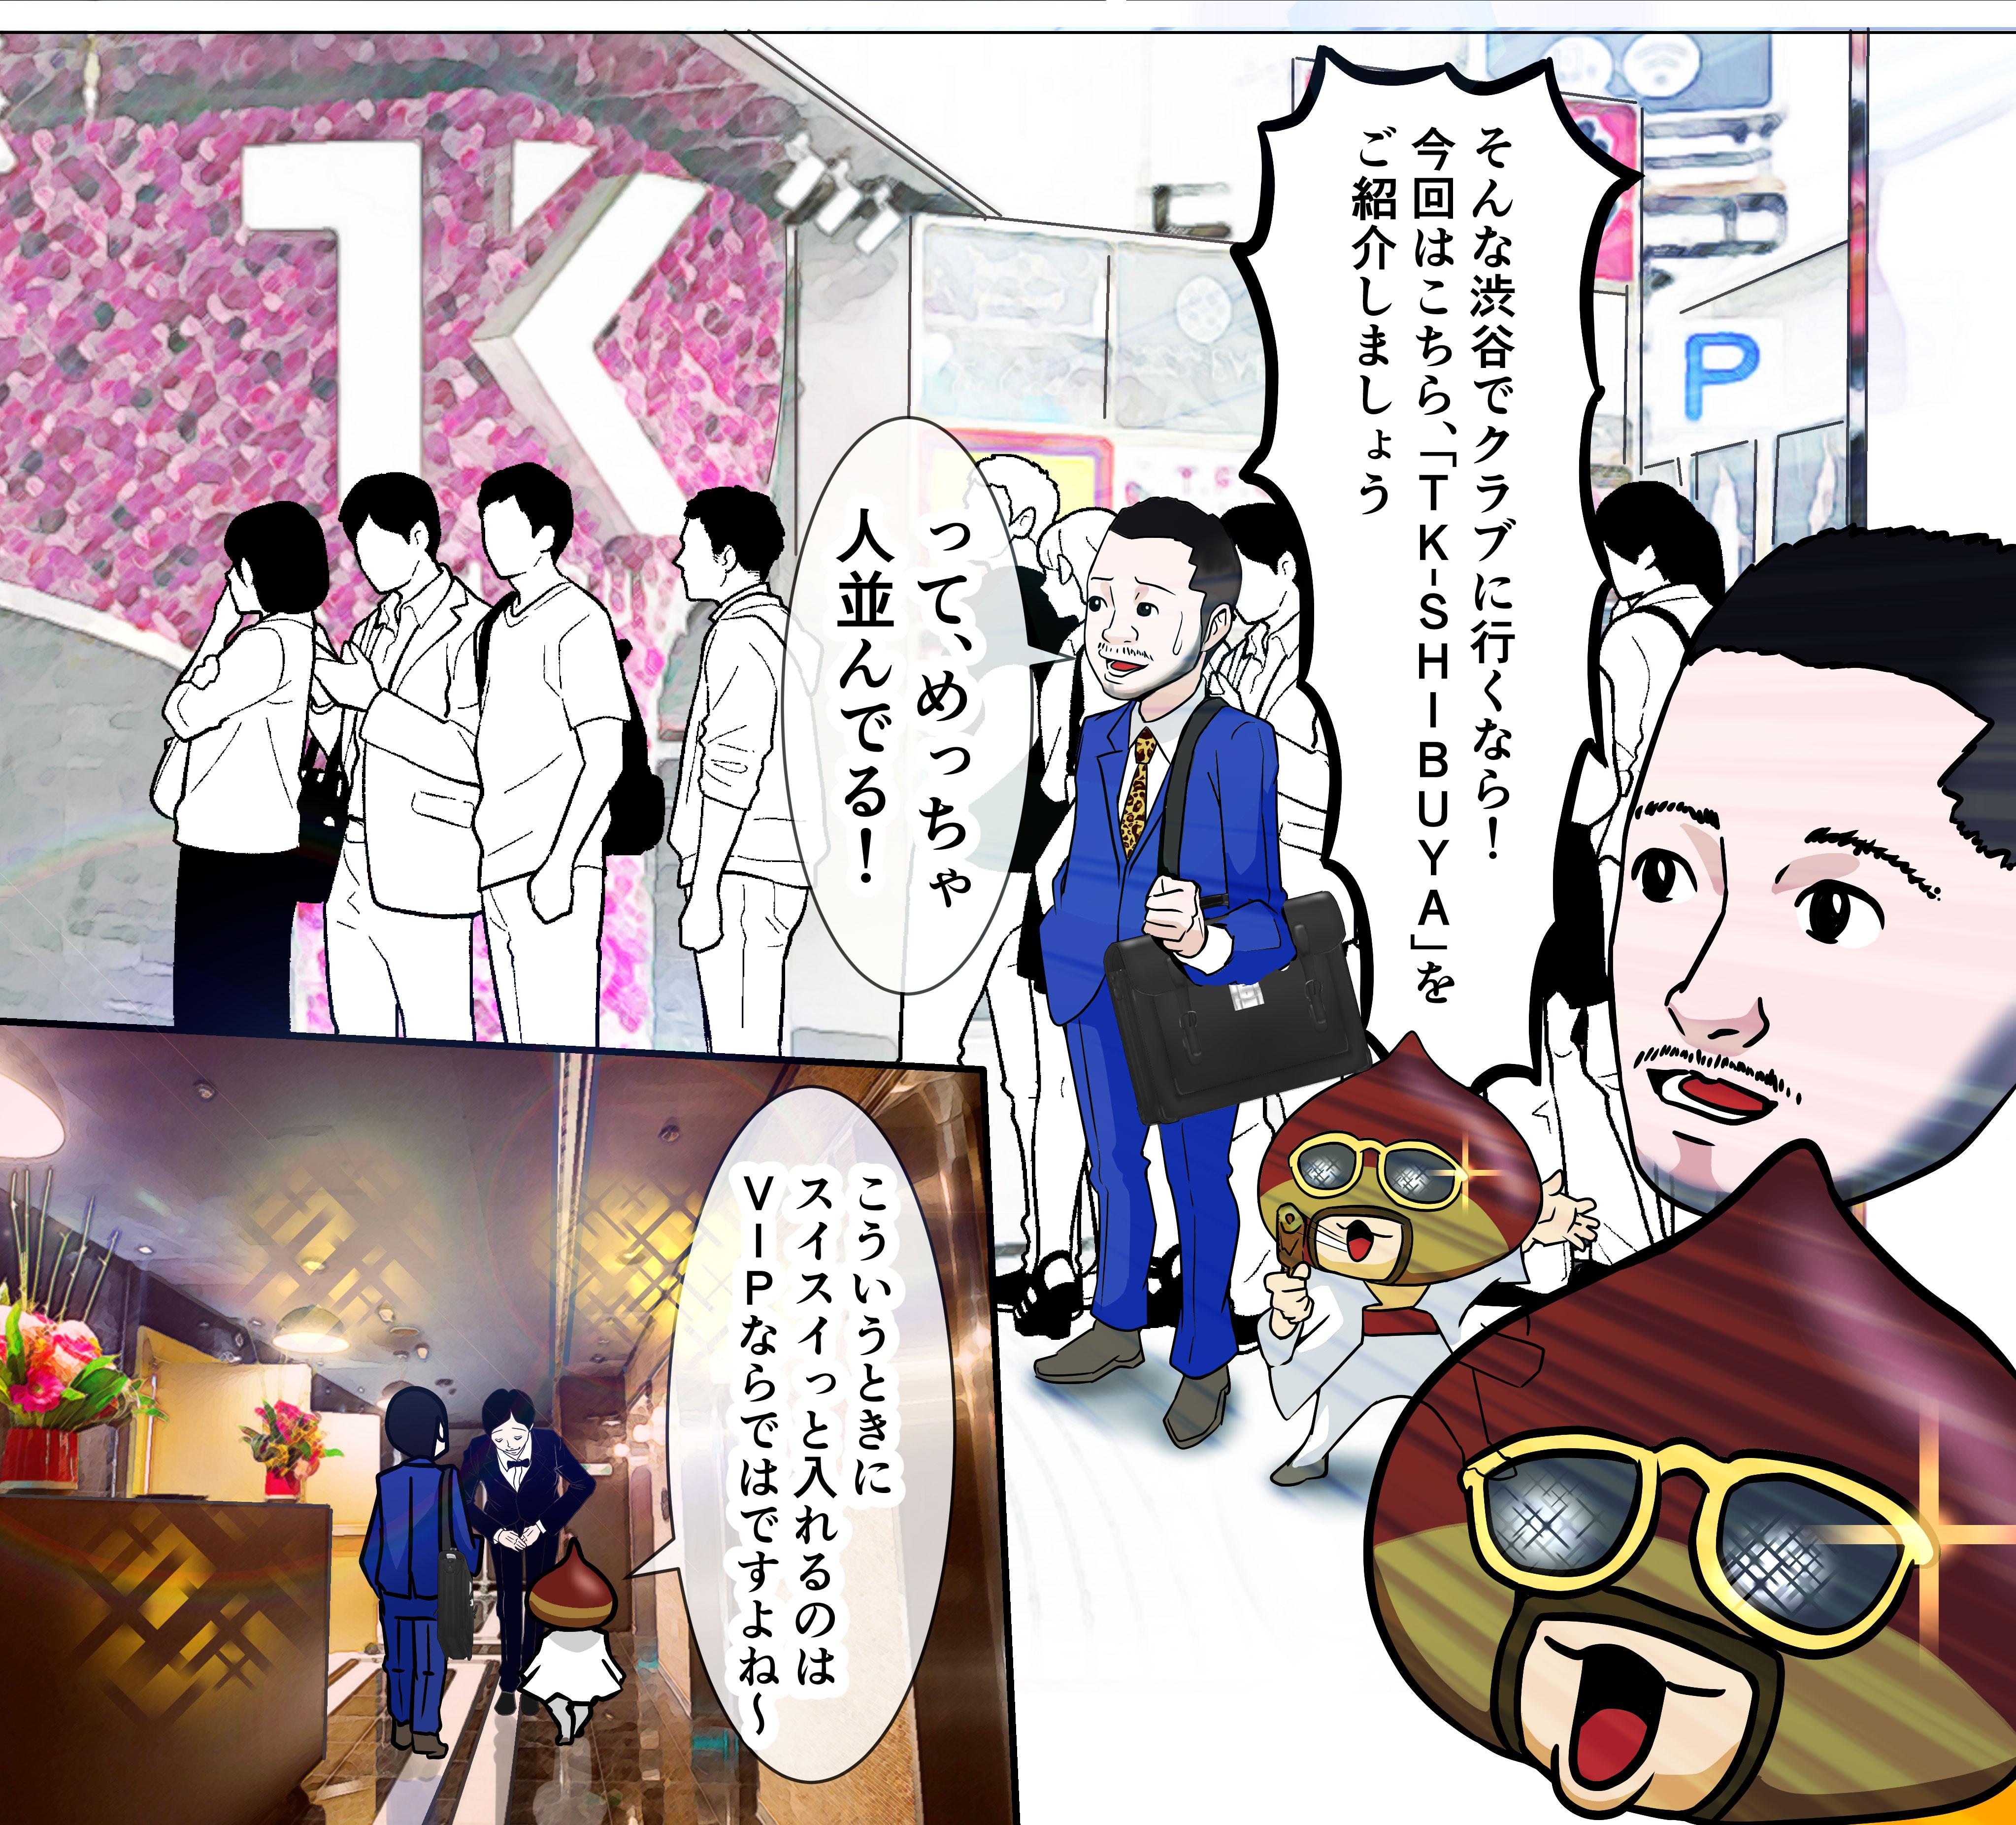 そんな渋谷でクラブに行くなら!今回はこちら、「TK-SHIBUYA」をご紹介しましょう。って、めっちゃ人並んでる! こういうときにスイスイっと入れるのはVIPならではですよね〜。